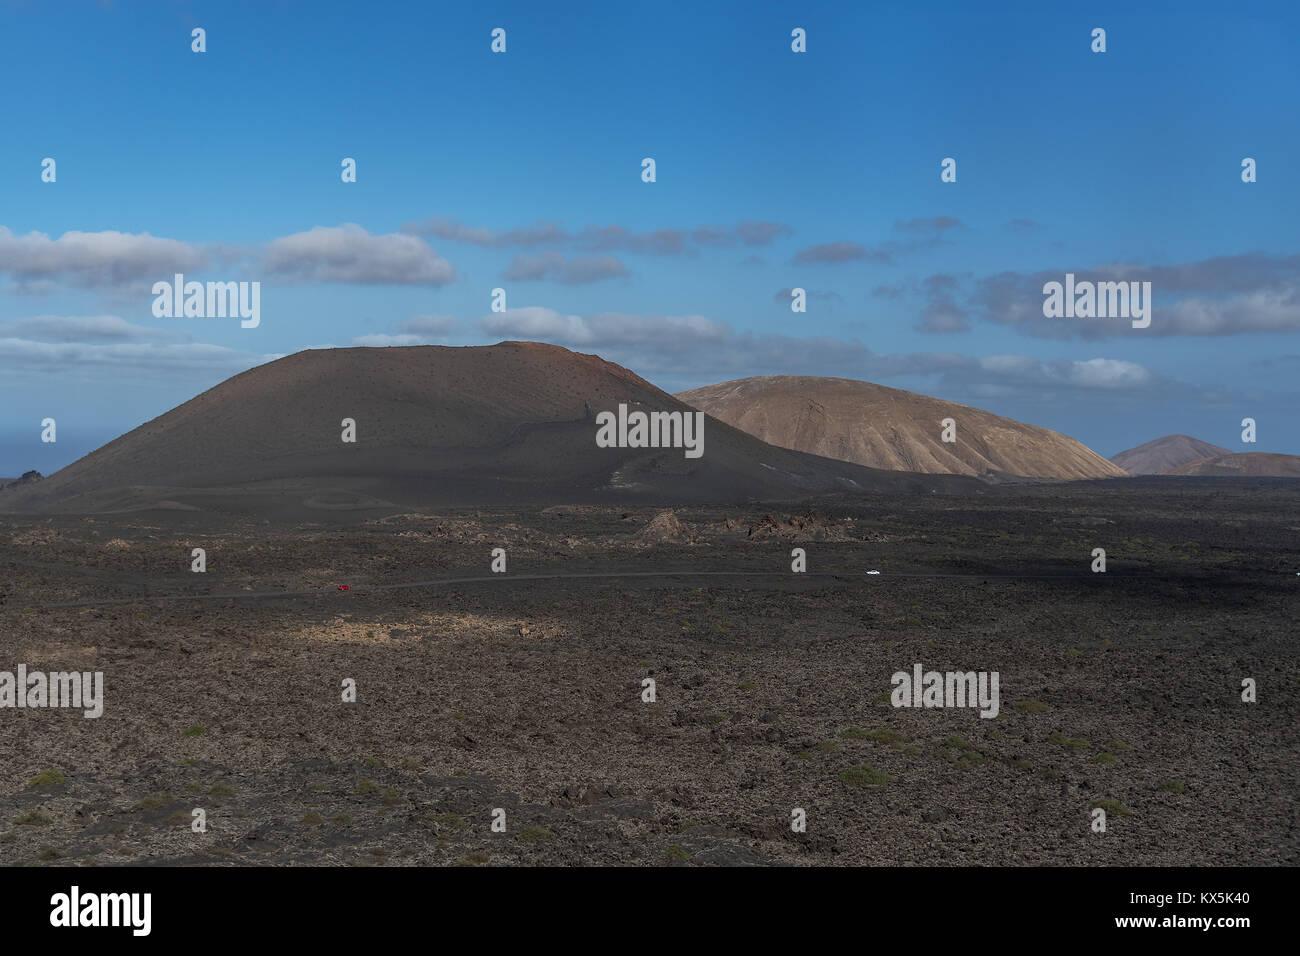 Der Nationalpark Timanfaya auf Lanzarote mit den Feuerbergen in unterschiedlichsten Farben - Stock Image